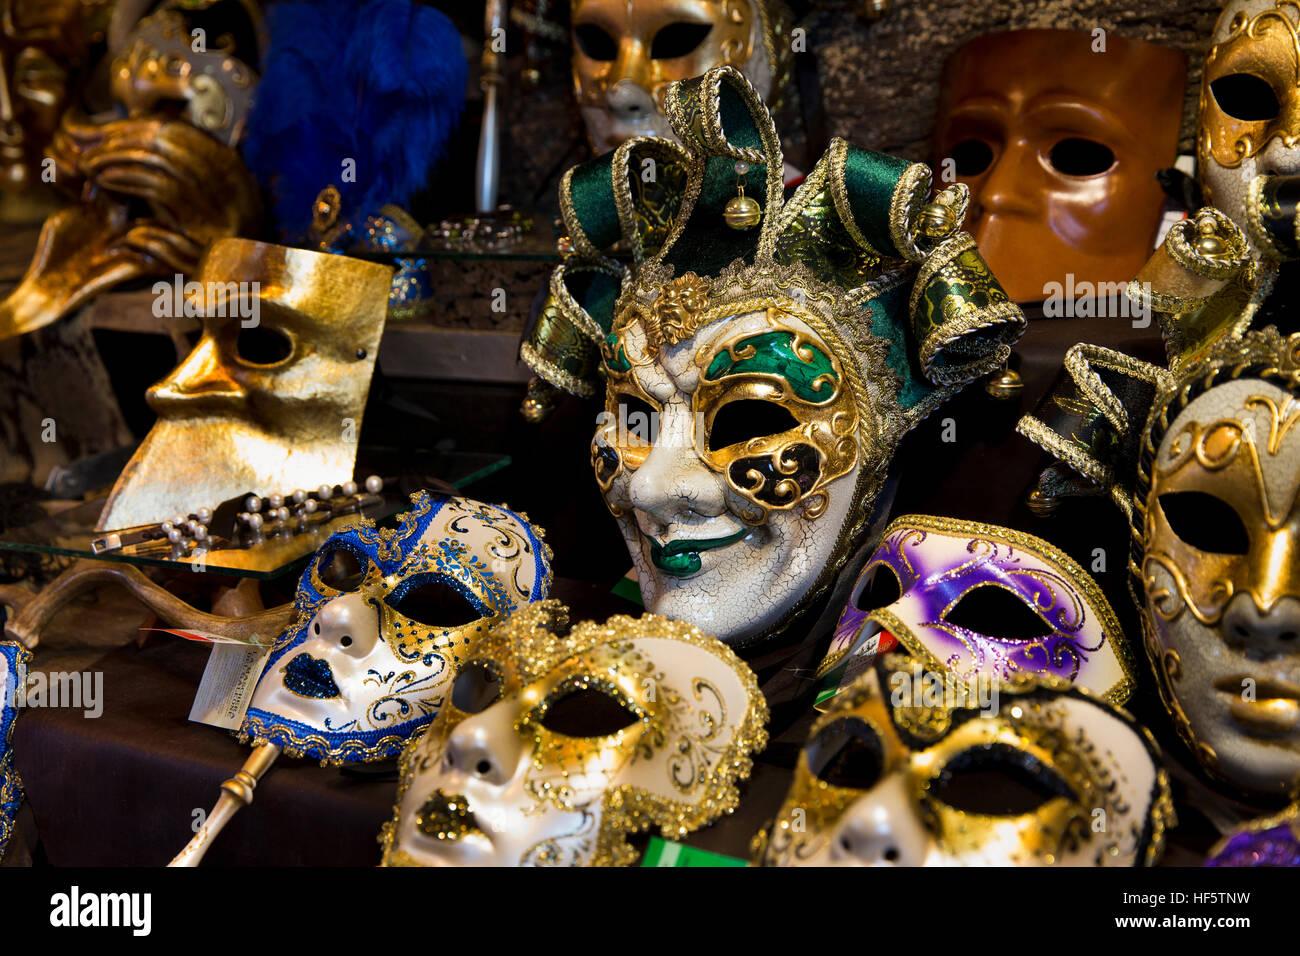 Danimarca, Copenaghen, Højbro Plads, Mercato di Natale, Carnevale di Venezia maschere per la vendita su la Immagini Stock